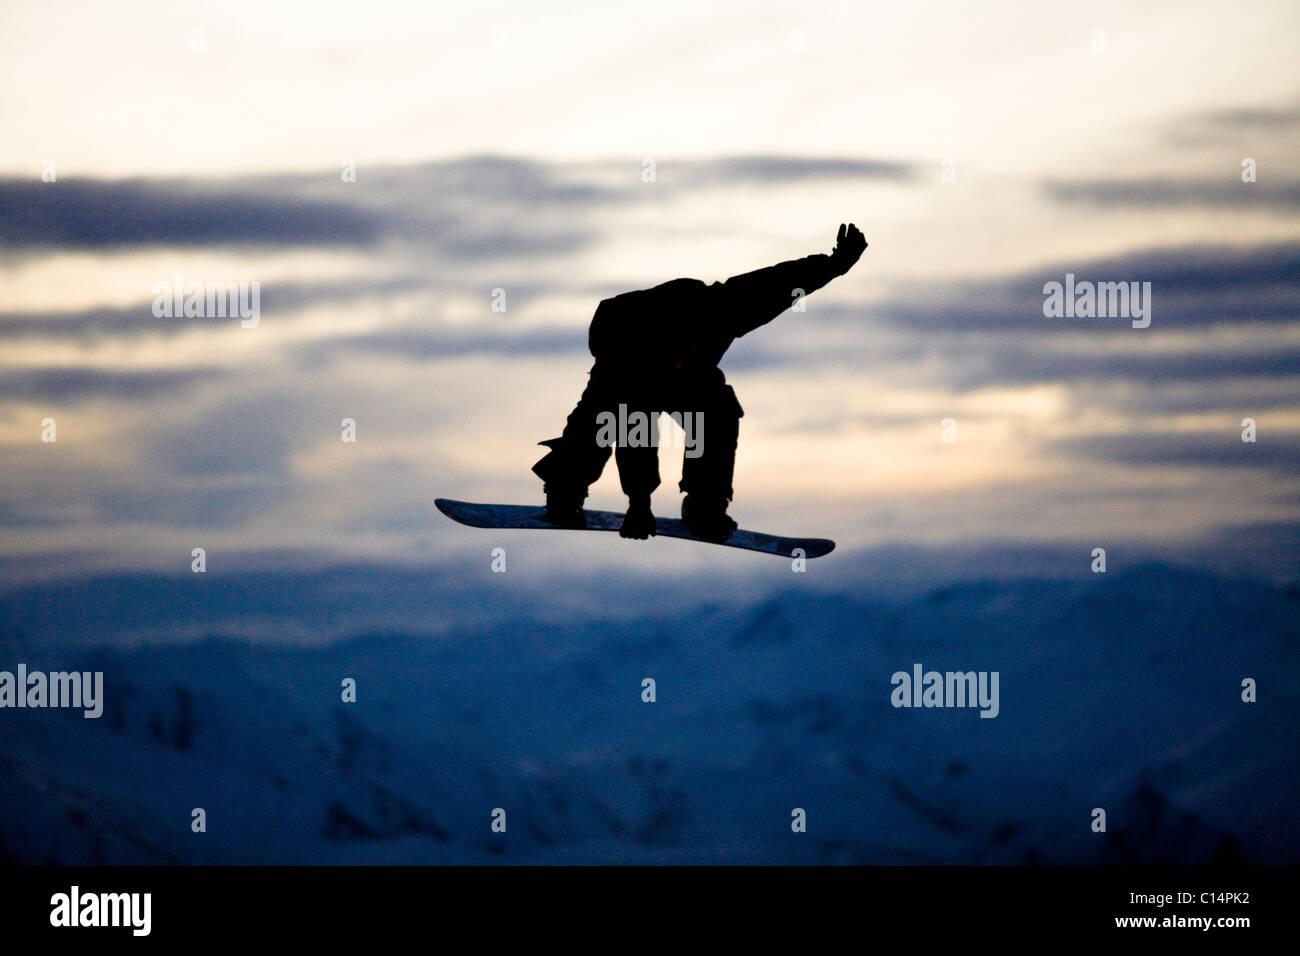 Un homme n'snowboarder backside 180 mute grab, alors qu'à un parc de neige à Wanaka, Nouvelle Photo Stock